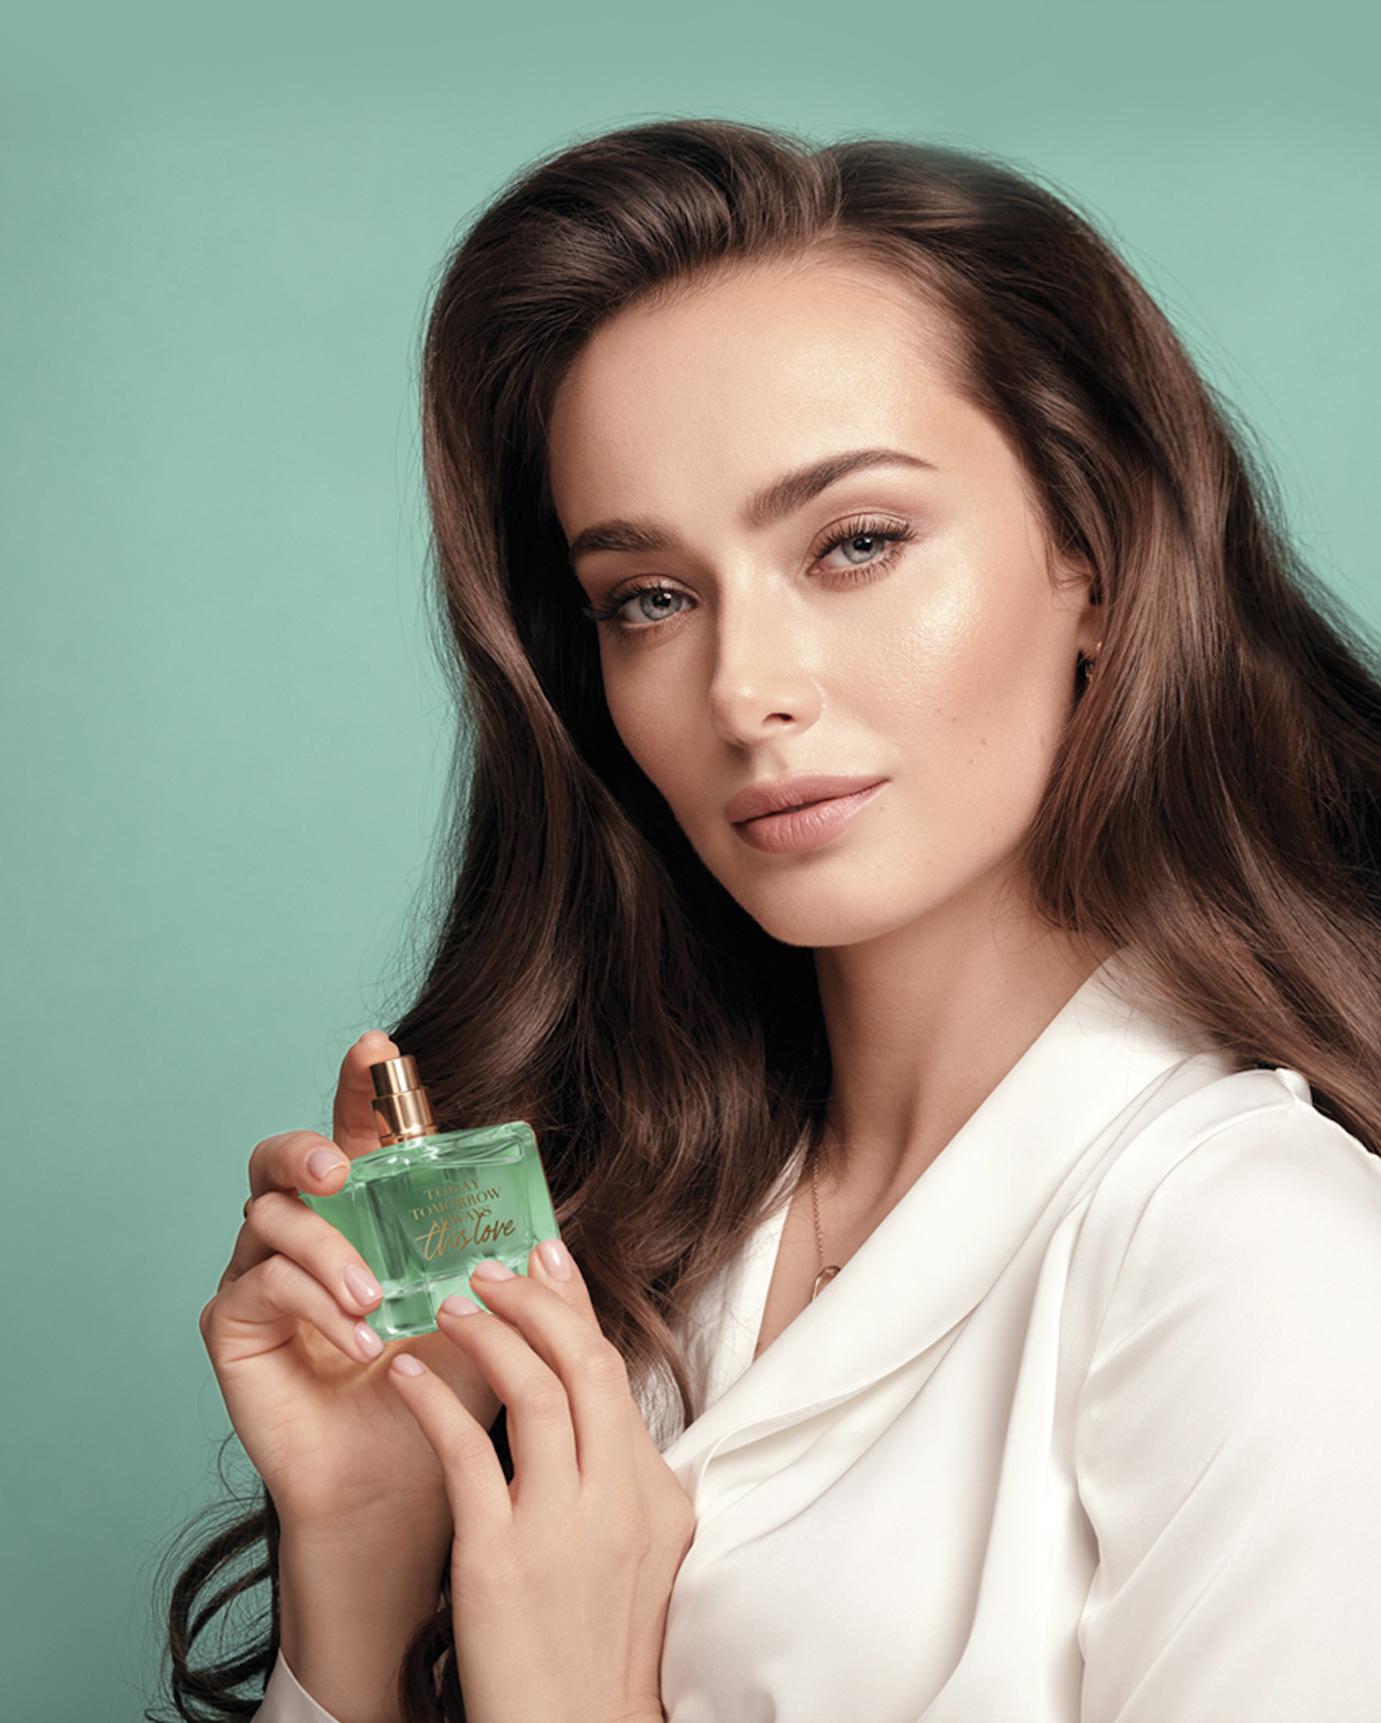 Ксенія Мішина стала обличчям нової лінійки парфумів TTA від Avon-Фото 2